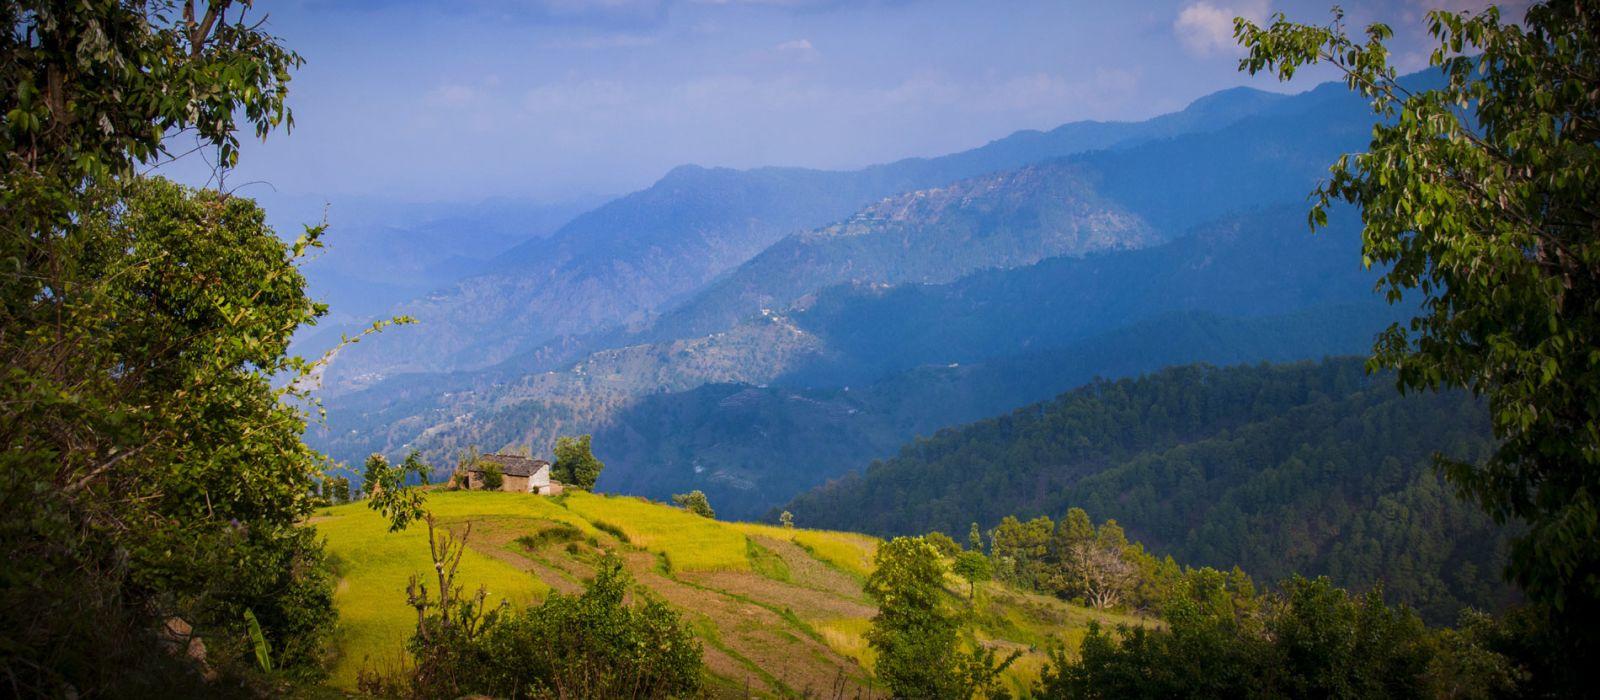 Destination Almora North India